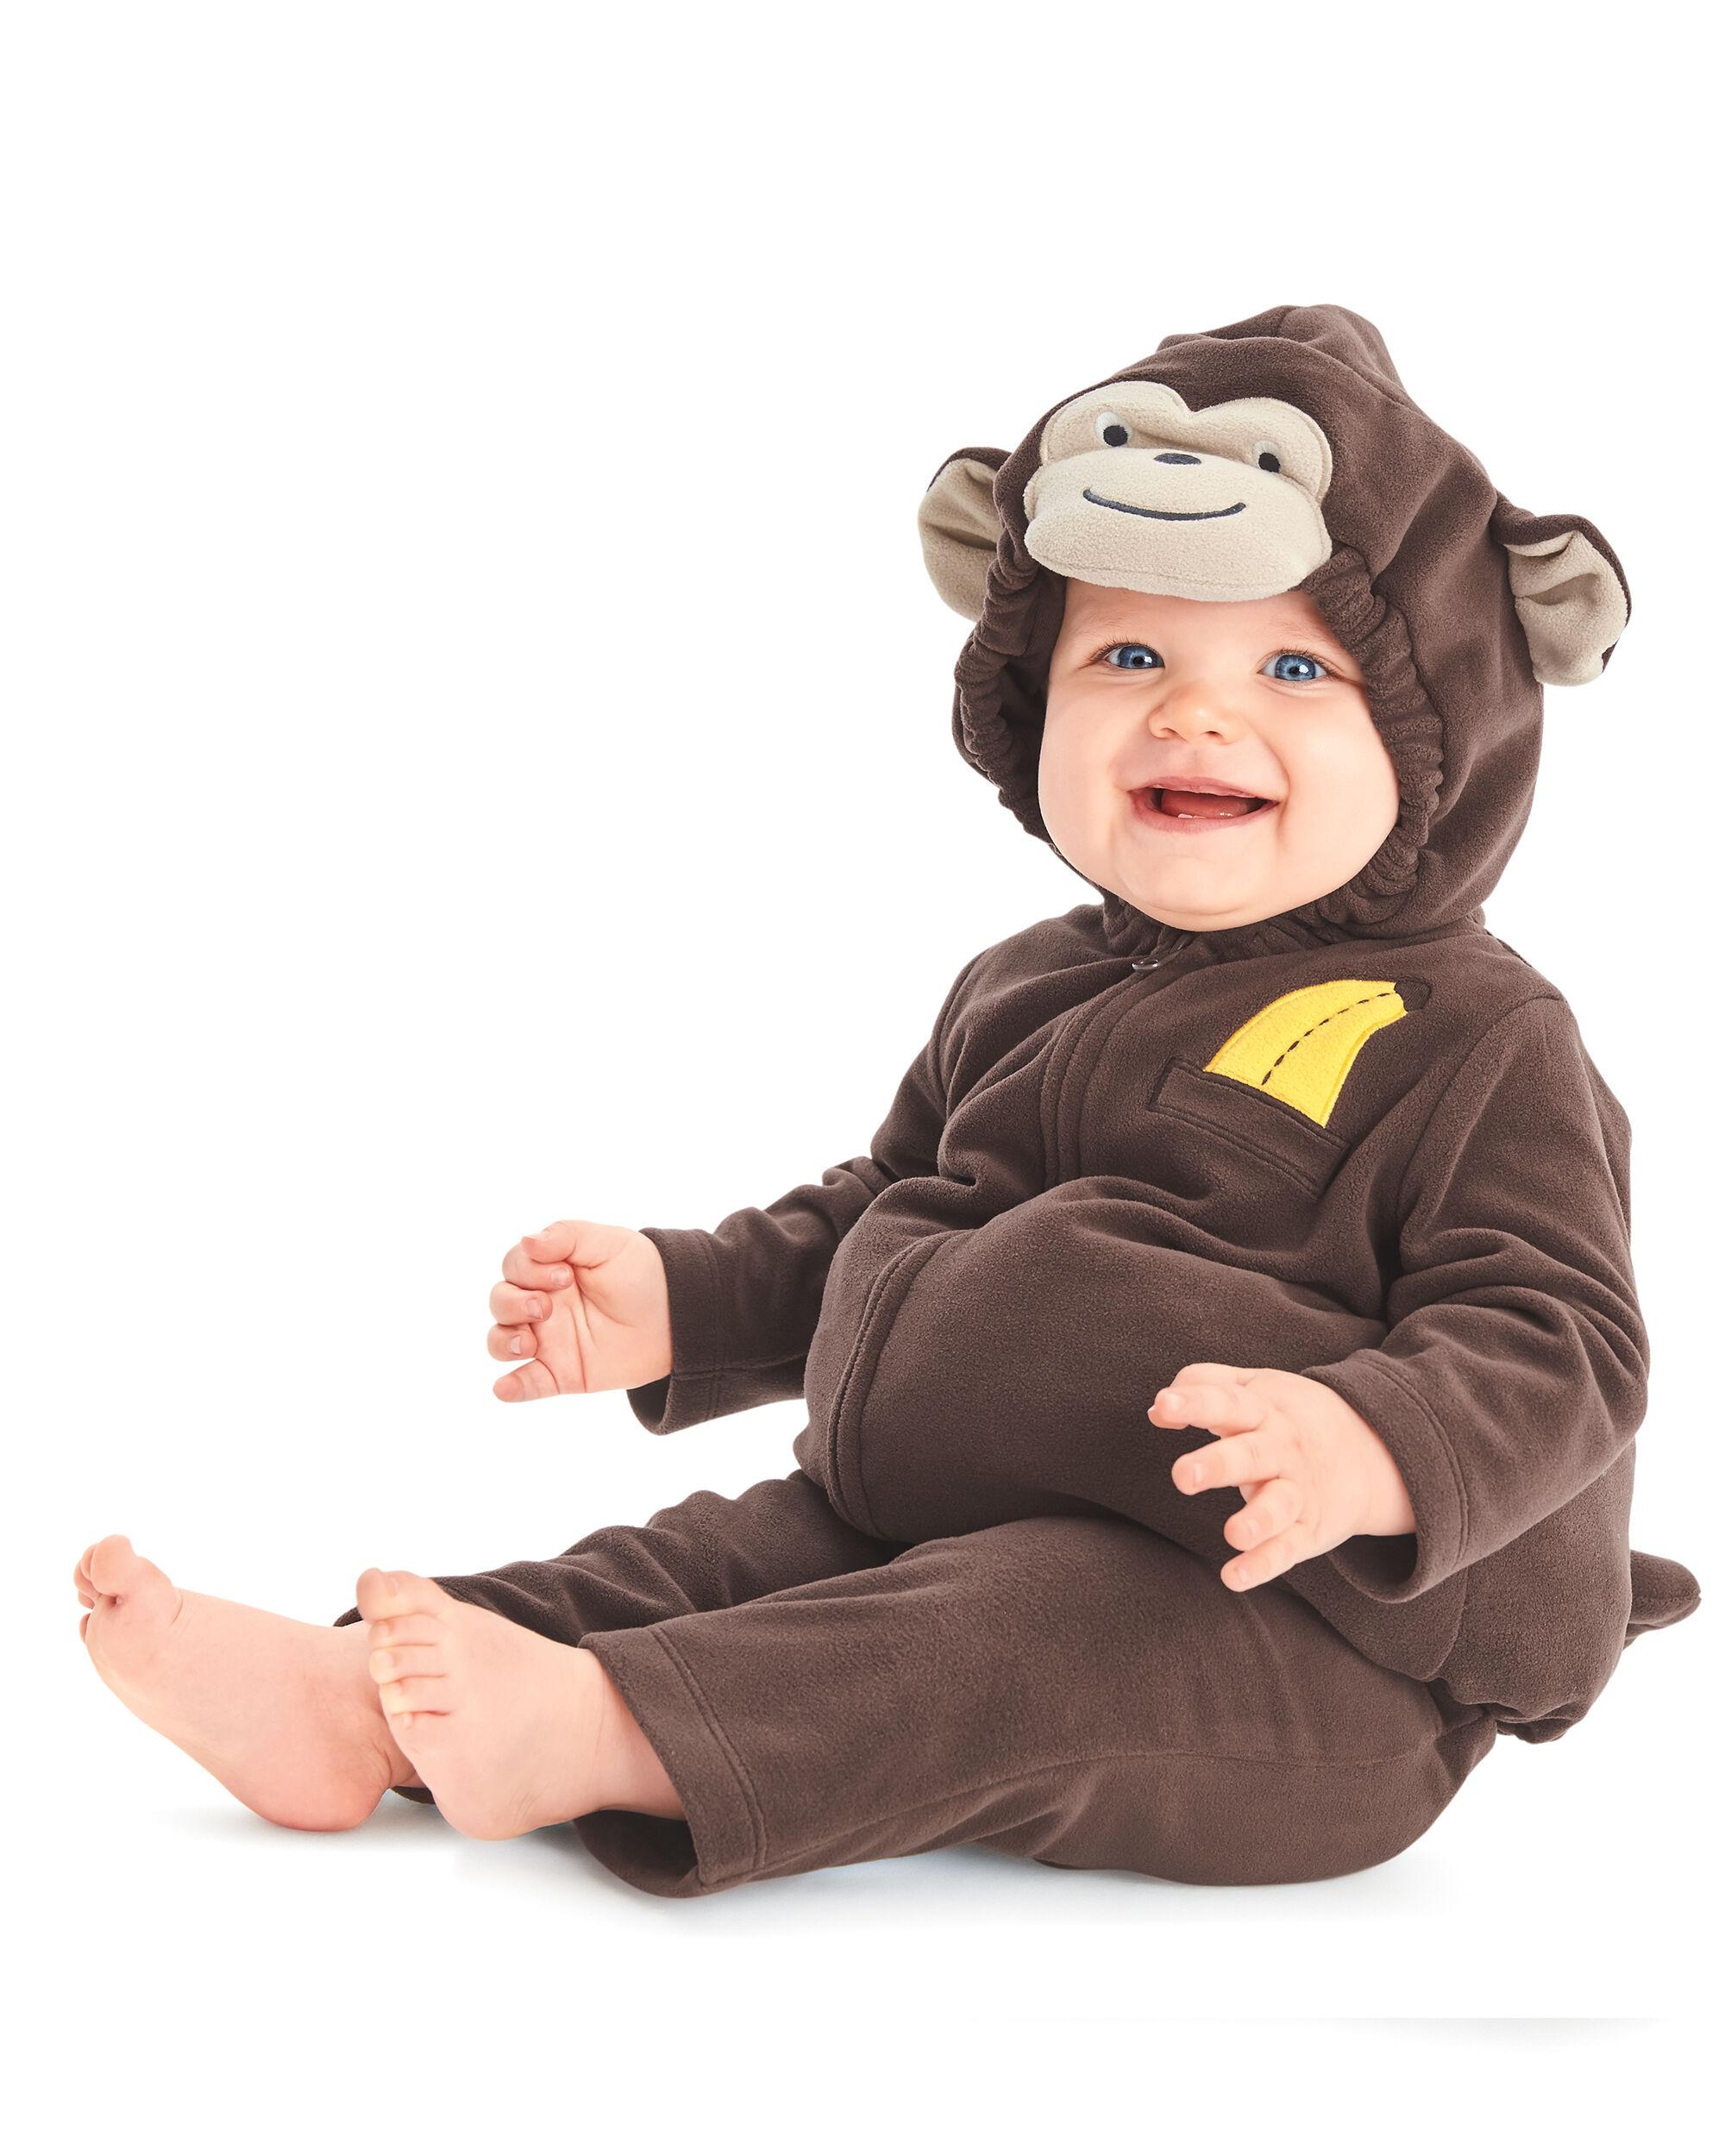 little monkey halloween costume - Halloween Monkey Costumes